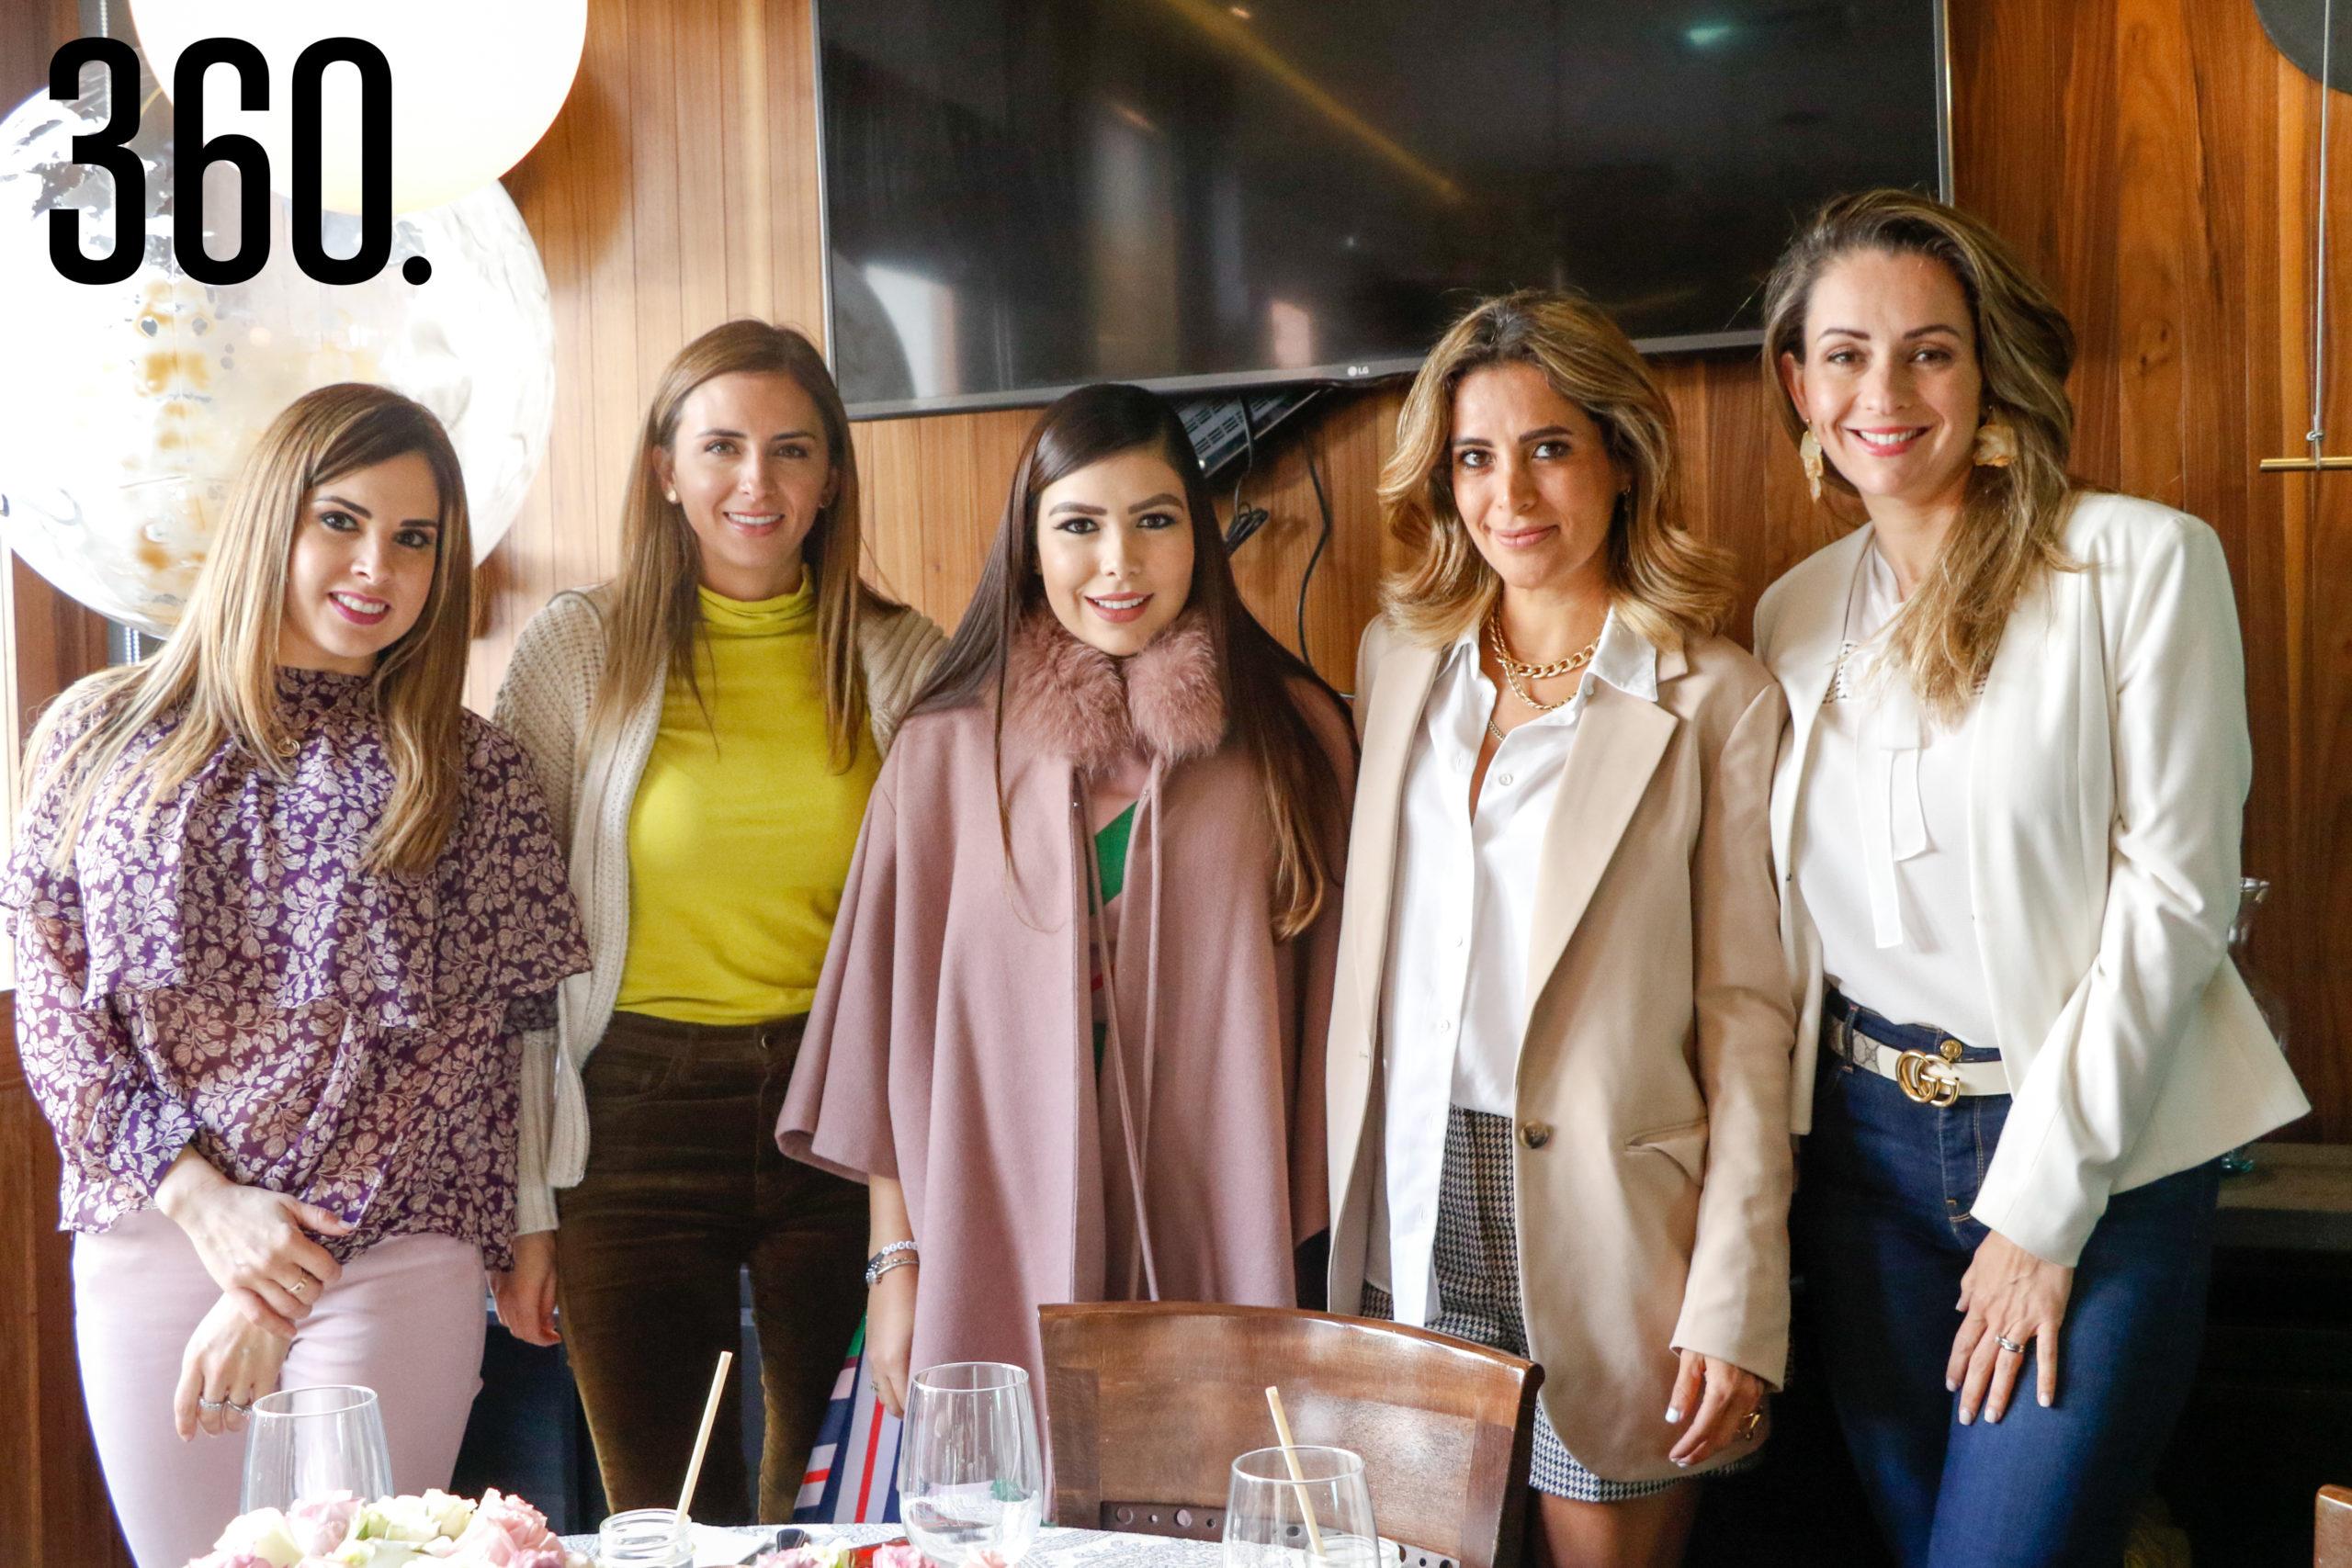 Abril Morales, Anateresa Villaseñor, Azalea Maldonado, Gaby Sánchez y Luly López.